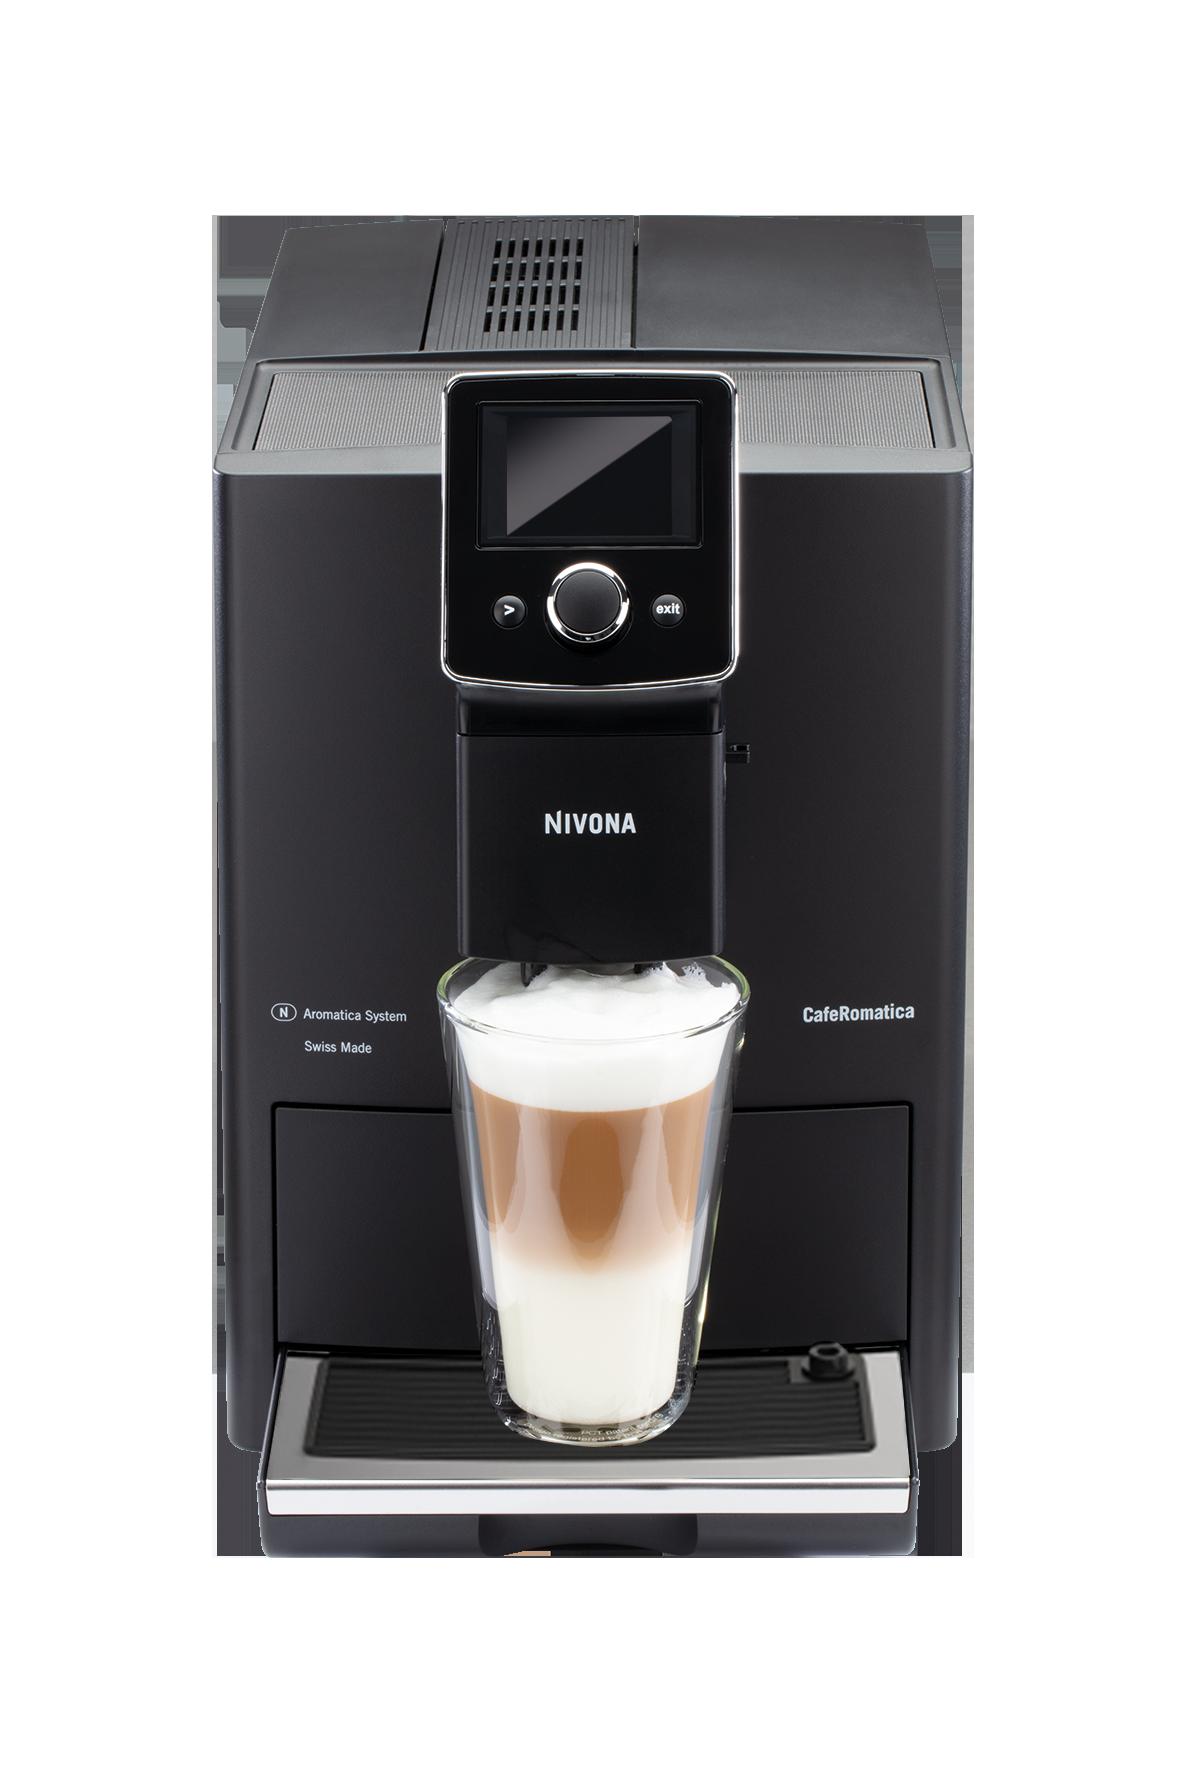 dzierzawa ekspresow do kawy - Nivona 820